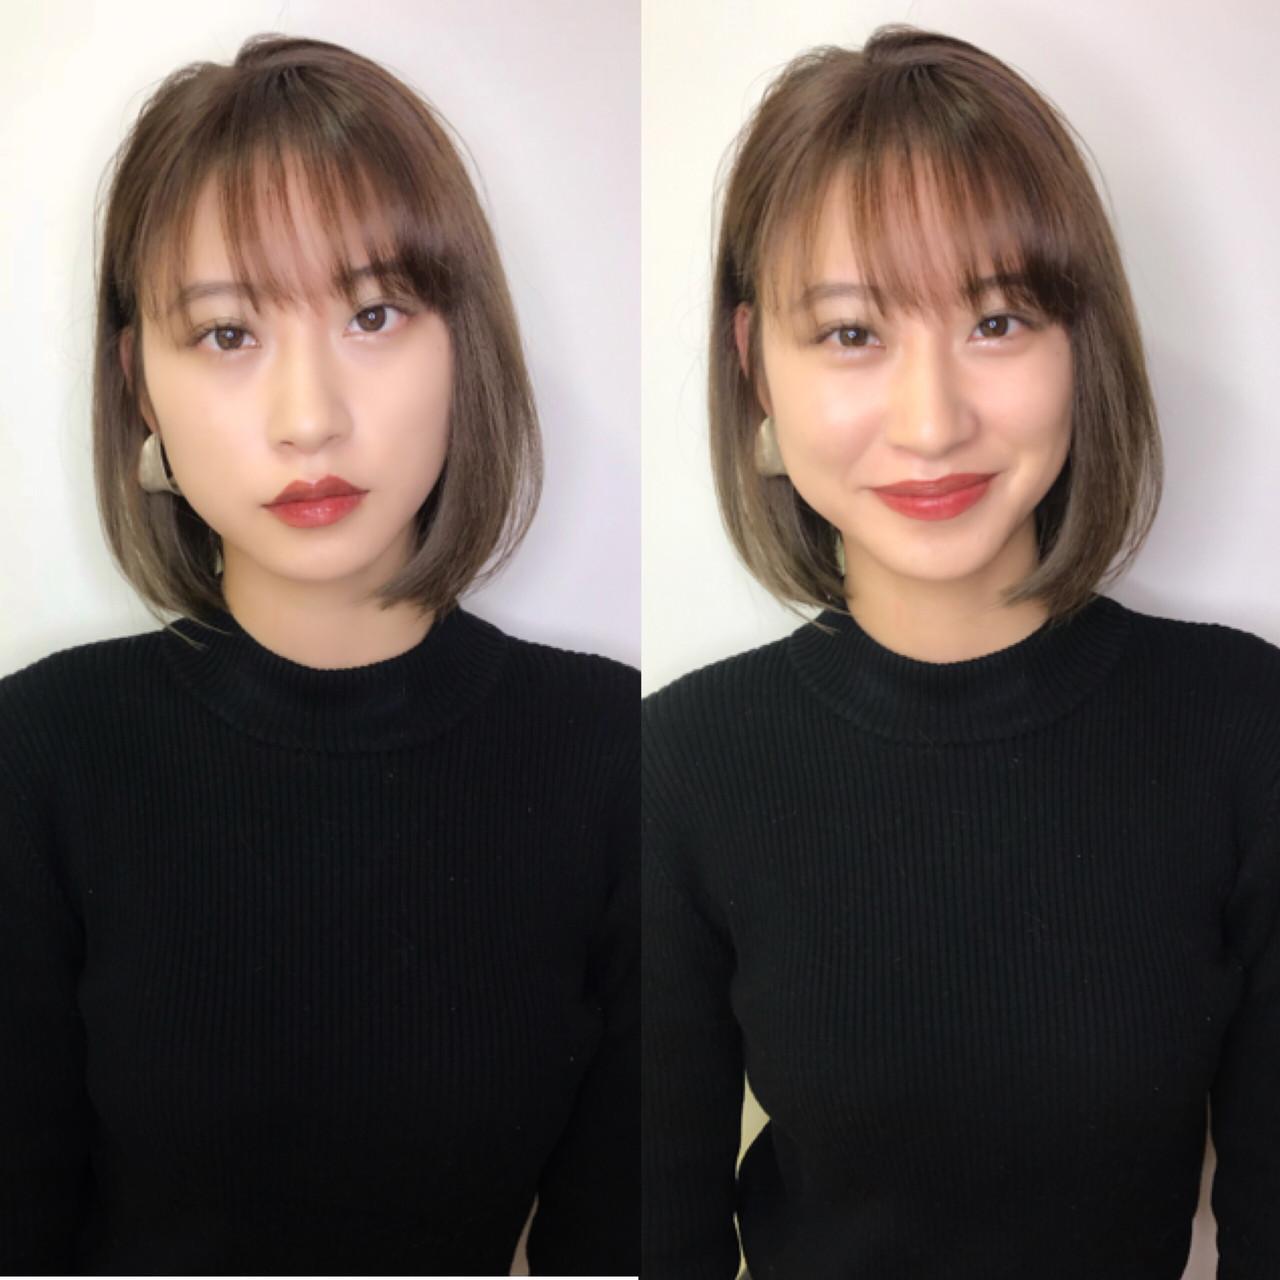 #シースルーバング×#ベージュカラー#ボブ . #ビフォーアフター @yui_popino いつもありがとうございます? .  今回は前髪を作りました!!✴️ . . カラーは#グレージュに!!? .  長年ヘアスタイルの研究をしているからこそ!お客様に提案出来ます!✨ . . . . ?簡単にヘアスタイリングを再現できる! ?持ちの良いカットテクニック ?扱いやすくなった ?周りからオシャレなヘアと褒められる など! ⭐️ヘアスタイルもファッションです!⭐️ ヘアスタイルでその人の印象の7〜8割が決まると言われています!! 僕は似合わせと、再現性を大切にしています!! オシャレで可愛いいヘアスタイルに必ずさせていただきます! . . .是非一度ご相談ください!! 満足していただける自信有ります❗️ ご予約はdmもしくはプロフィールのリンクのネット予約から! ℡☎️にて! お待ちしております!! トニーアンドガイ恵比寿℡ 03-5724-5820 . . ご予約の際にインスタグラムを見たと伝えて下さると 【初回限定インスタ割20%オフさせていただきます!!】 . cut✂️¥6480→¥5190 color?¥9720→7780 ハイライト?♀️¥5300〜 パーマ?¥10800→8640 ? ? ? ? ?  #テラヤマヨシタカhairまとめ 、 、 、 . . . .  #トニガイ#恵比寿美容室#ヘアカタログ#オシャレヘア#イメチェン#似合わせカット #前髪#前髪カット  #ハイライトカラー#アッシュグレージュ#サロモ#サロンモデル#ハイライト#イルミナカラー#ミィディアム #ロングボブ#アッシュカラー  #スペシャルハイライト #アドミオ #オシャレヘア  #ベージュカラー #透明感カラー #インナーカラー#アッシュ #アッシュグレー